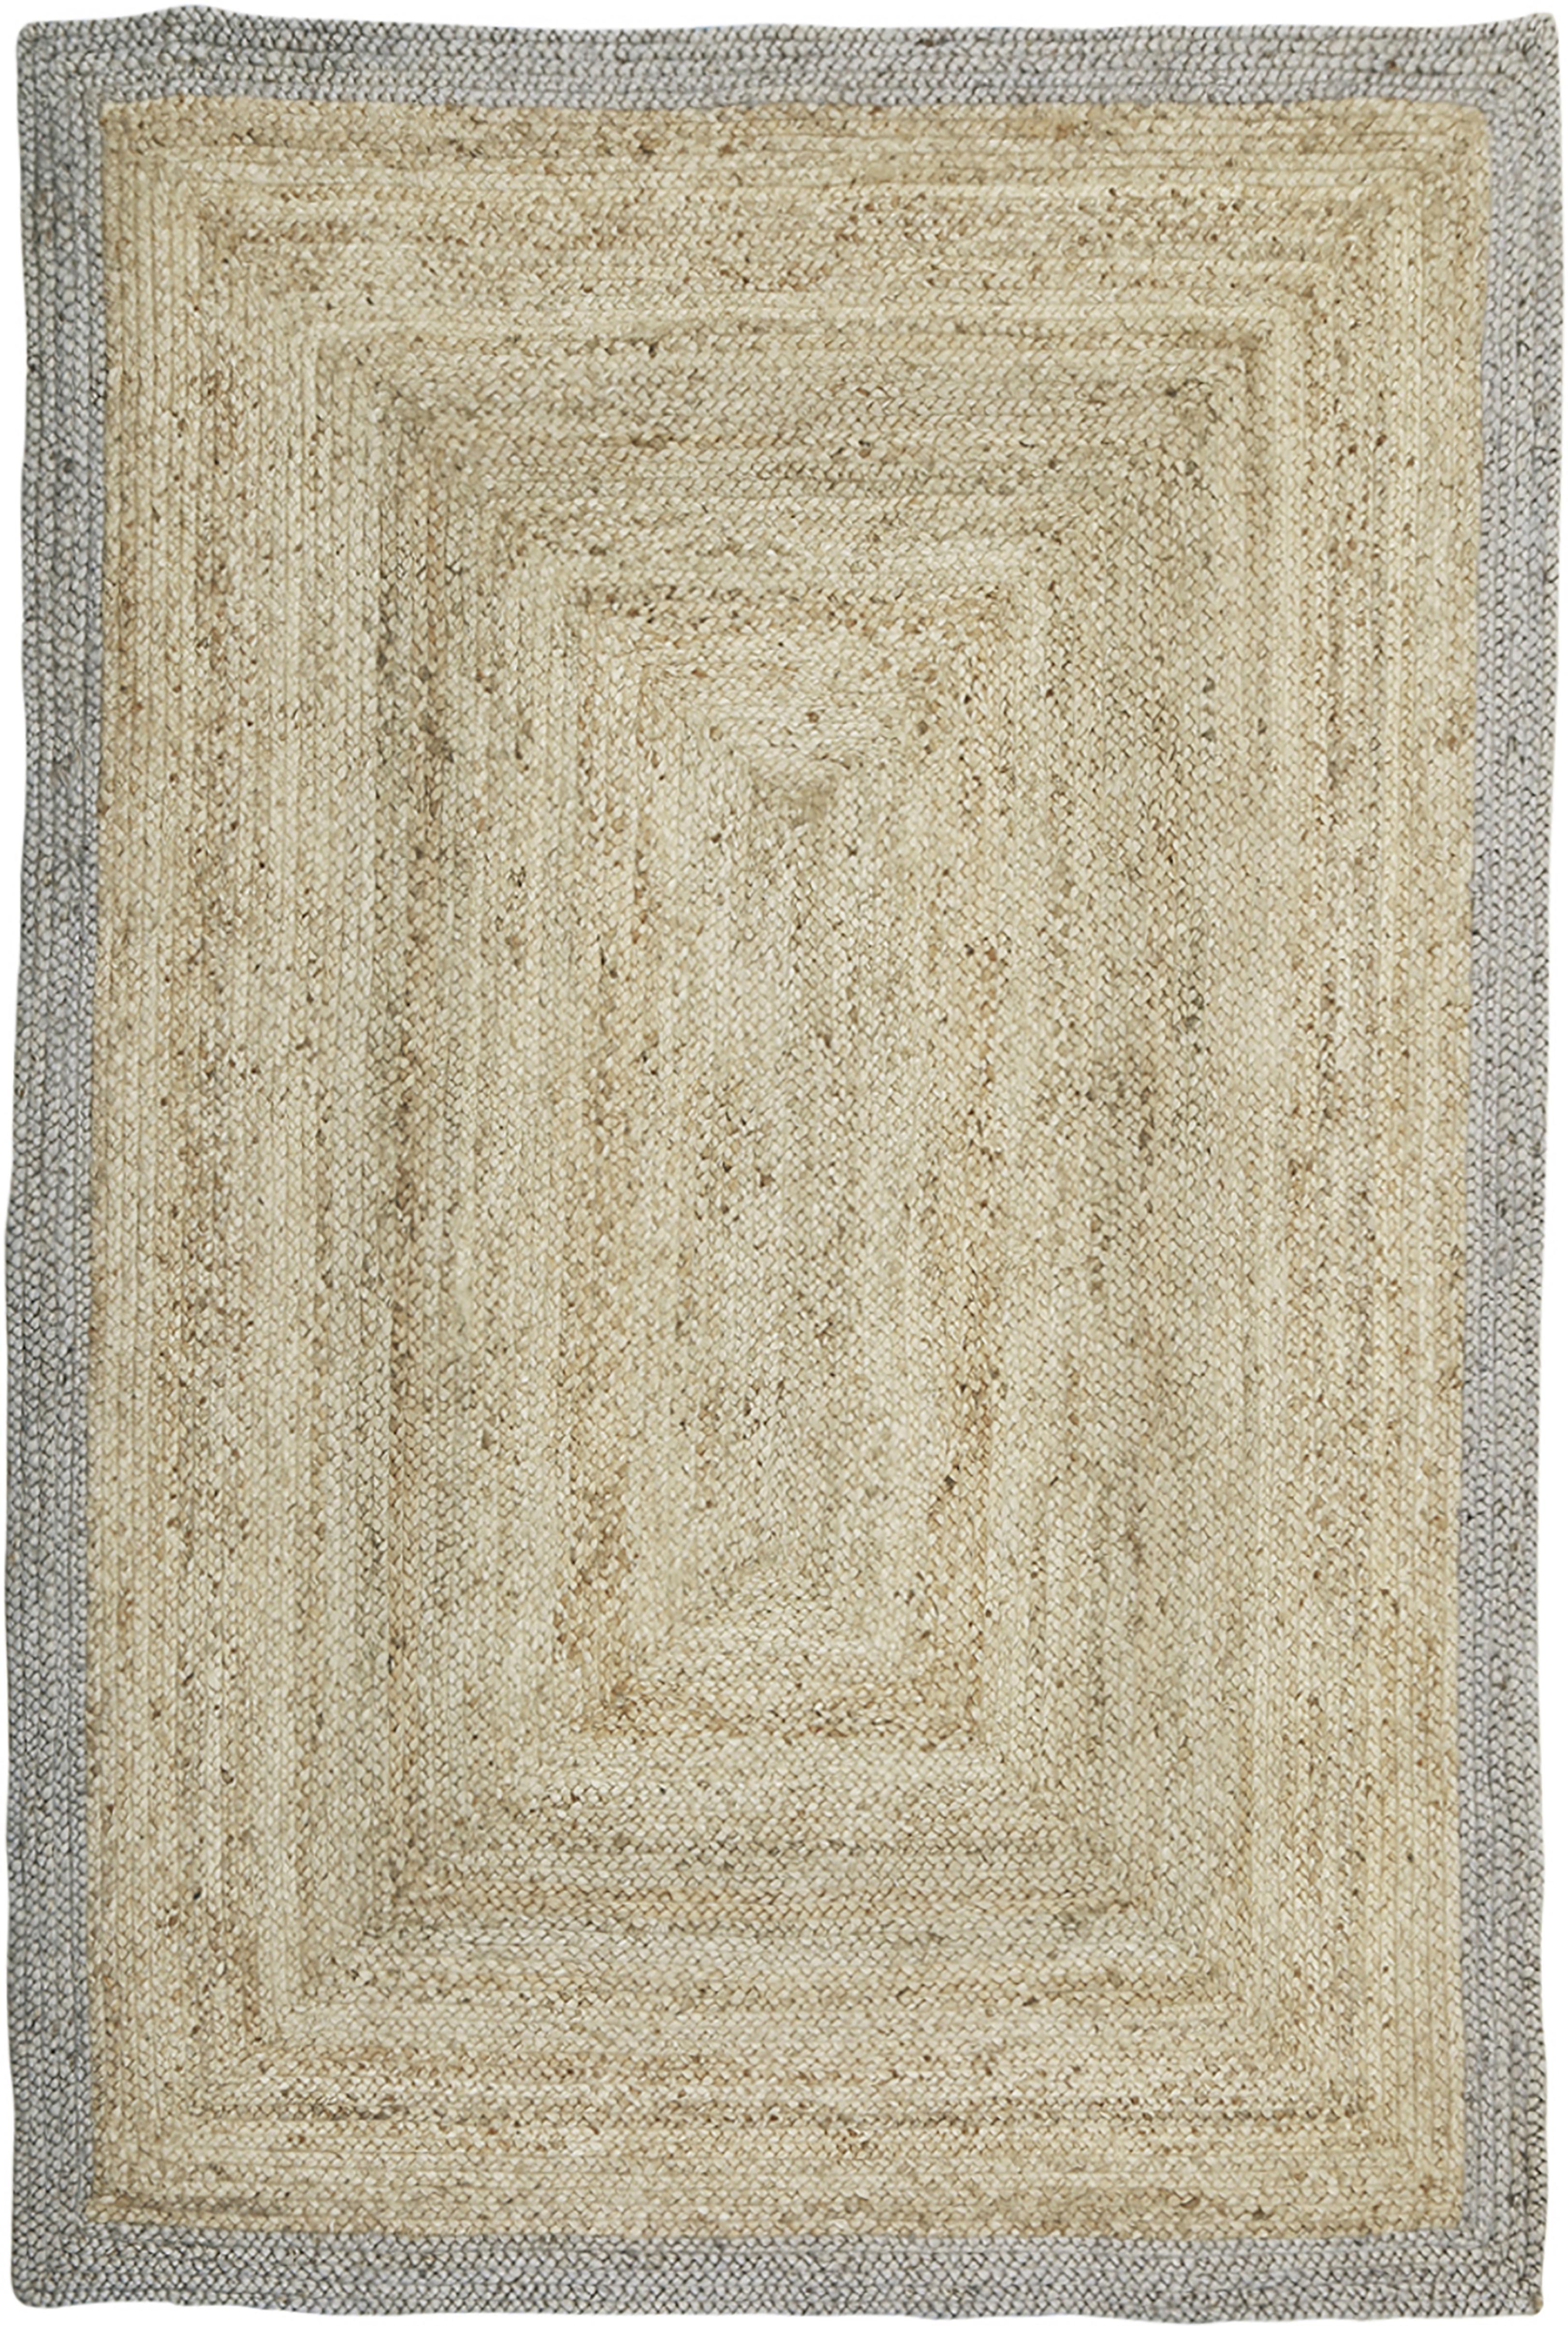 Handgemaakt juten vloerkleed Shanta, Bovenzijde: jute, Onderzijde: jute, Beige, grijs, 160 x 230 cm